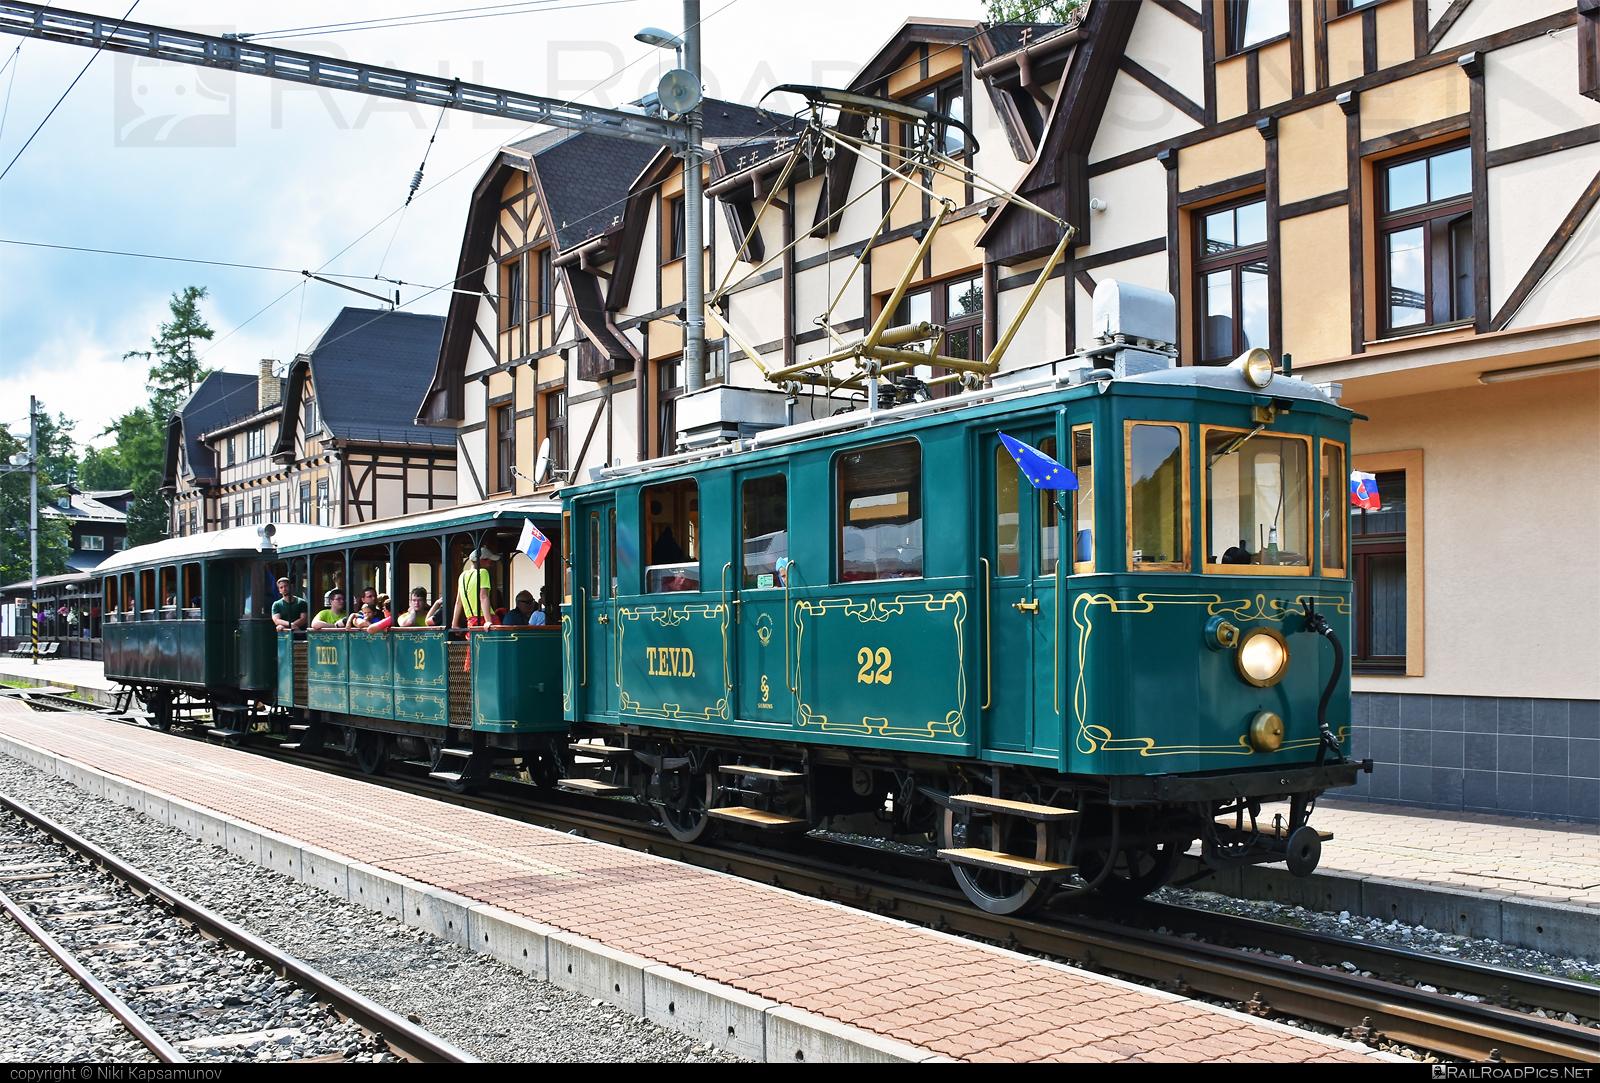 Ganz EMU 26.001 - EMU 26.001 operated by Občianske združenie Veterán klub železníc Poprad #VeteranKlubZeleznicPoprad #emu26001 #ganz #kometa #tatranskakometa #tevd #tevd22 #tez